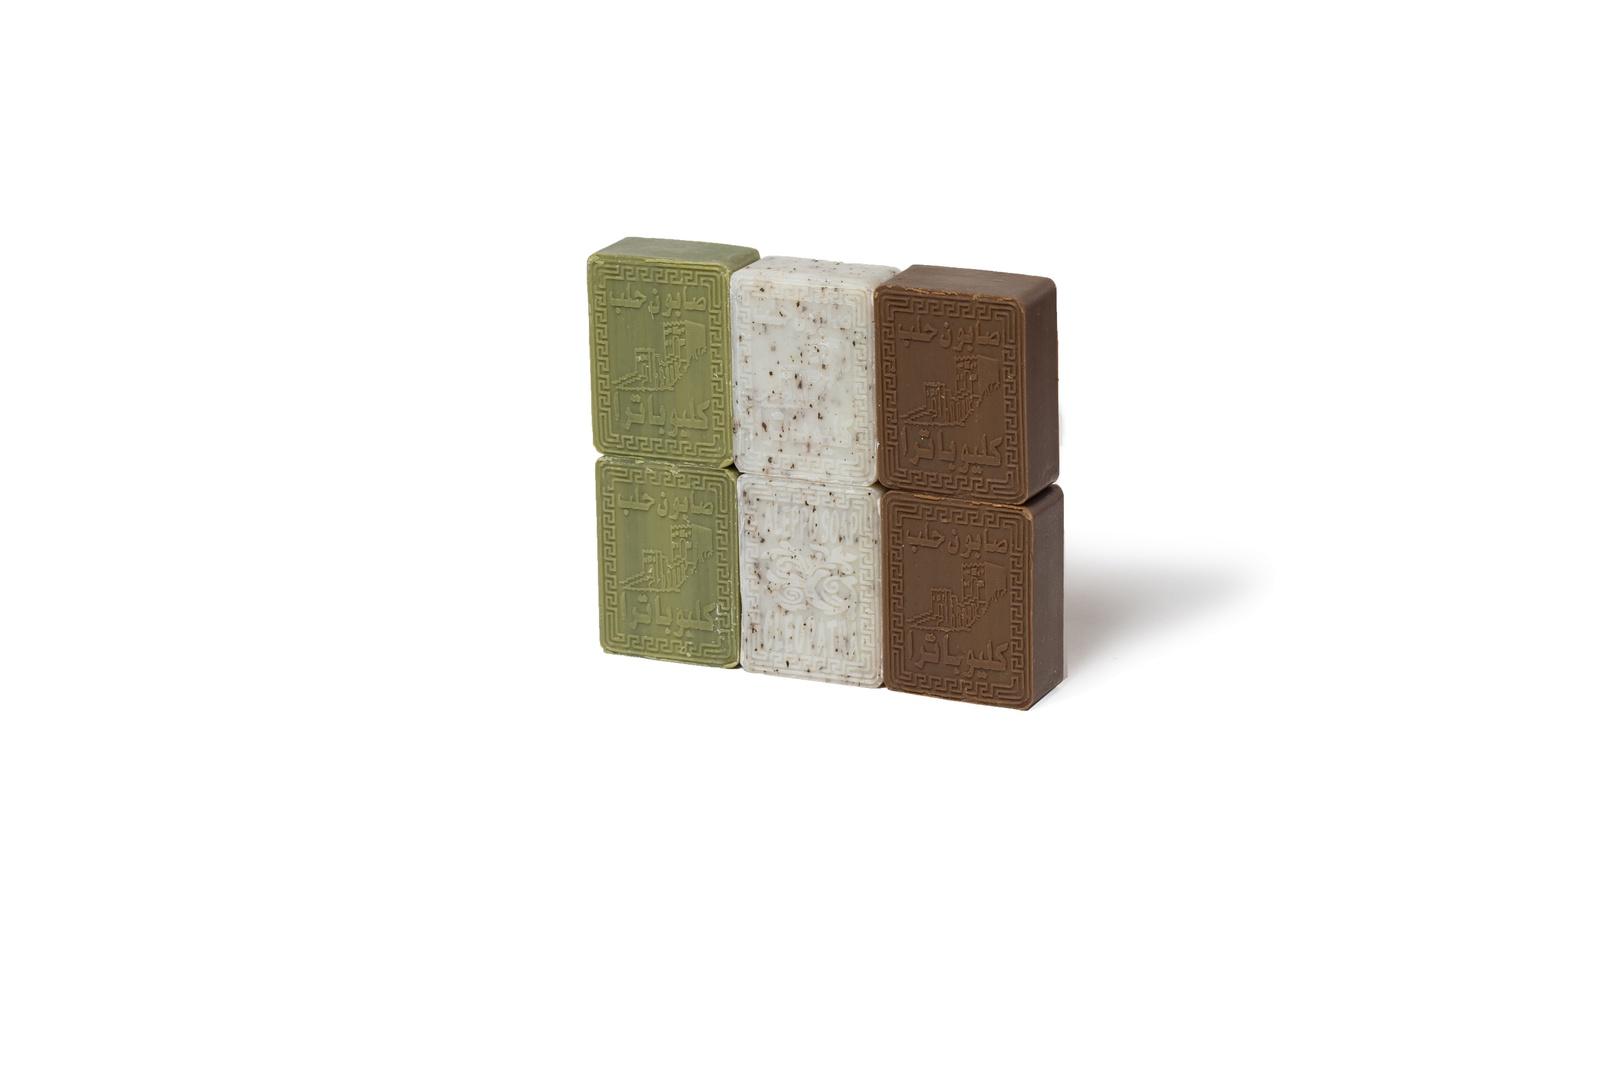 Мыло косметическое Cleopatra 6 шт в подарочной картонной упаковке темно зеленого цвета